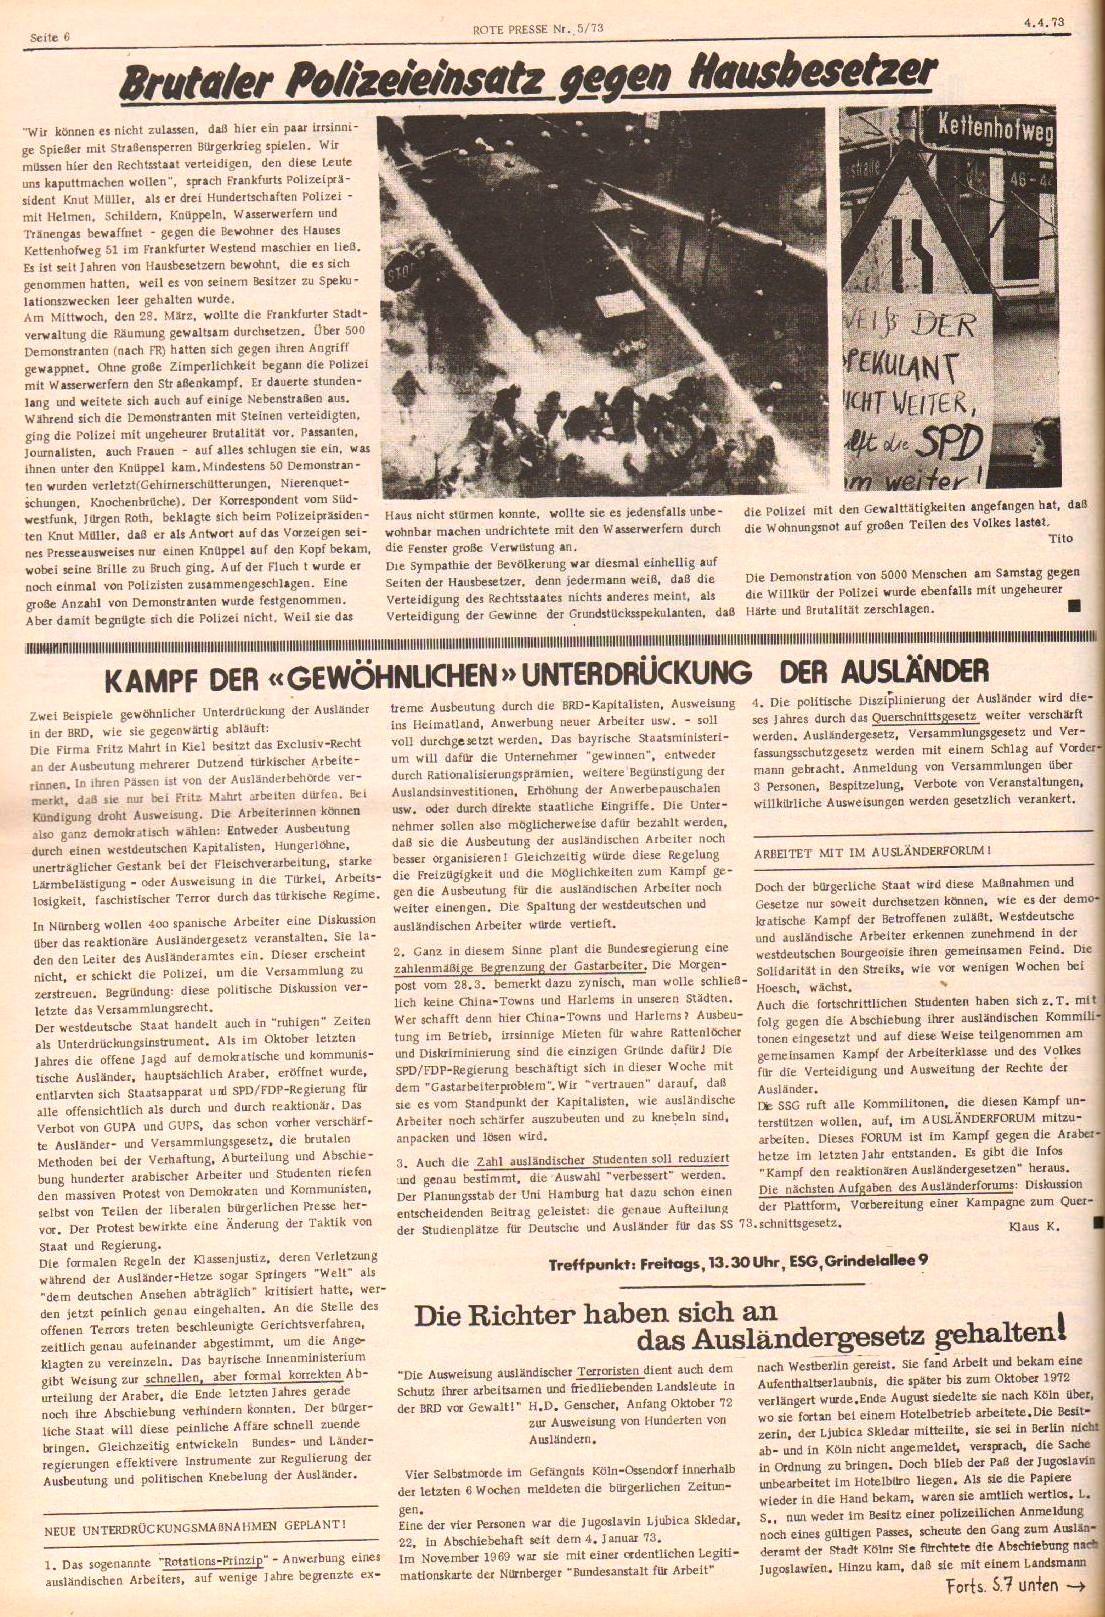 Hamburg_Rote_Presse158